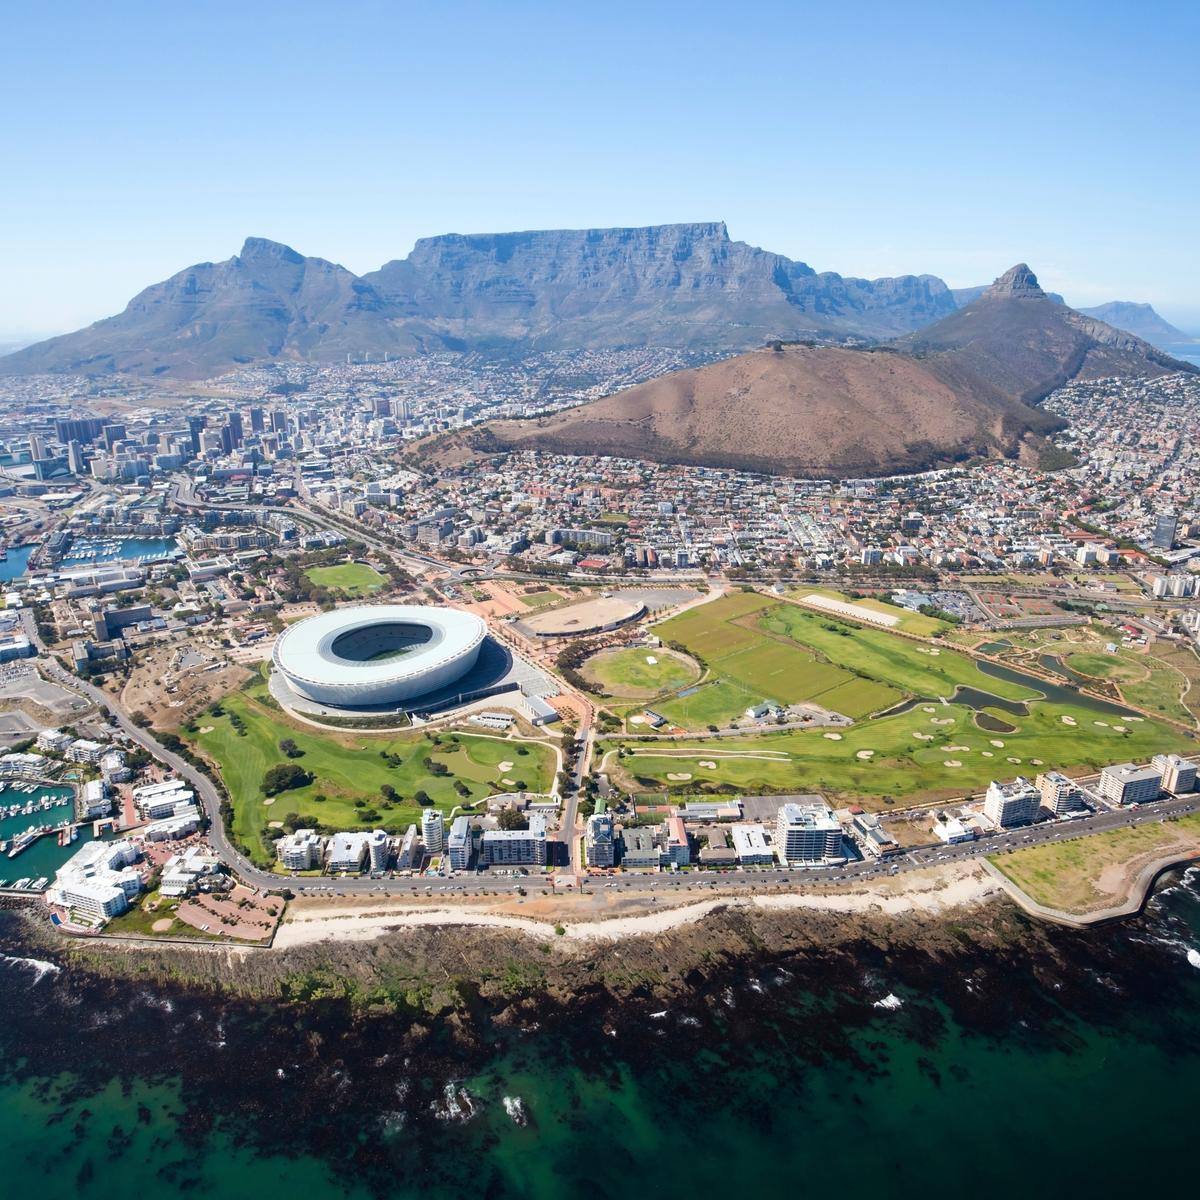 Die schönsten Reiseziele Afrikas: Kapstadt, Südafrika